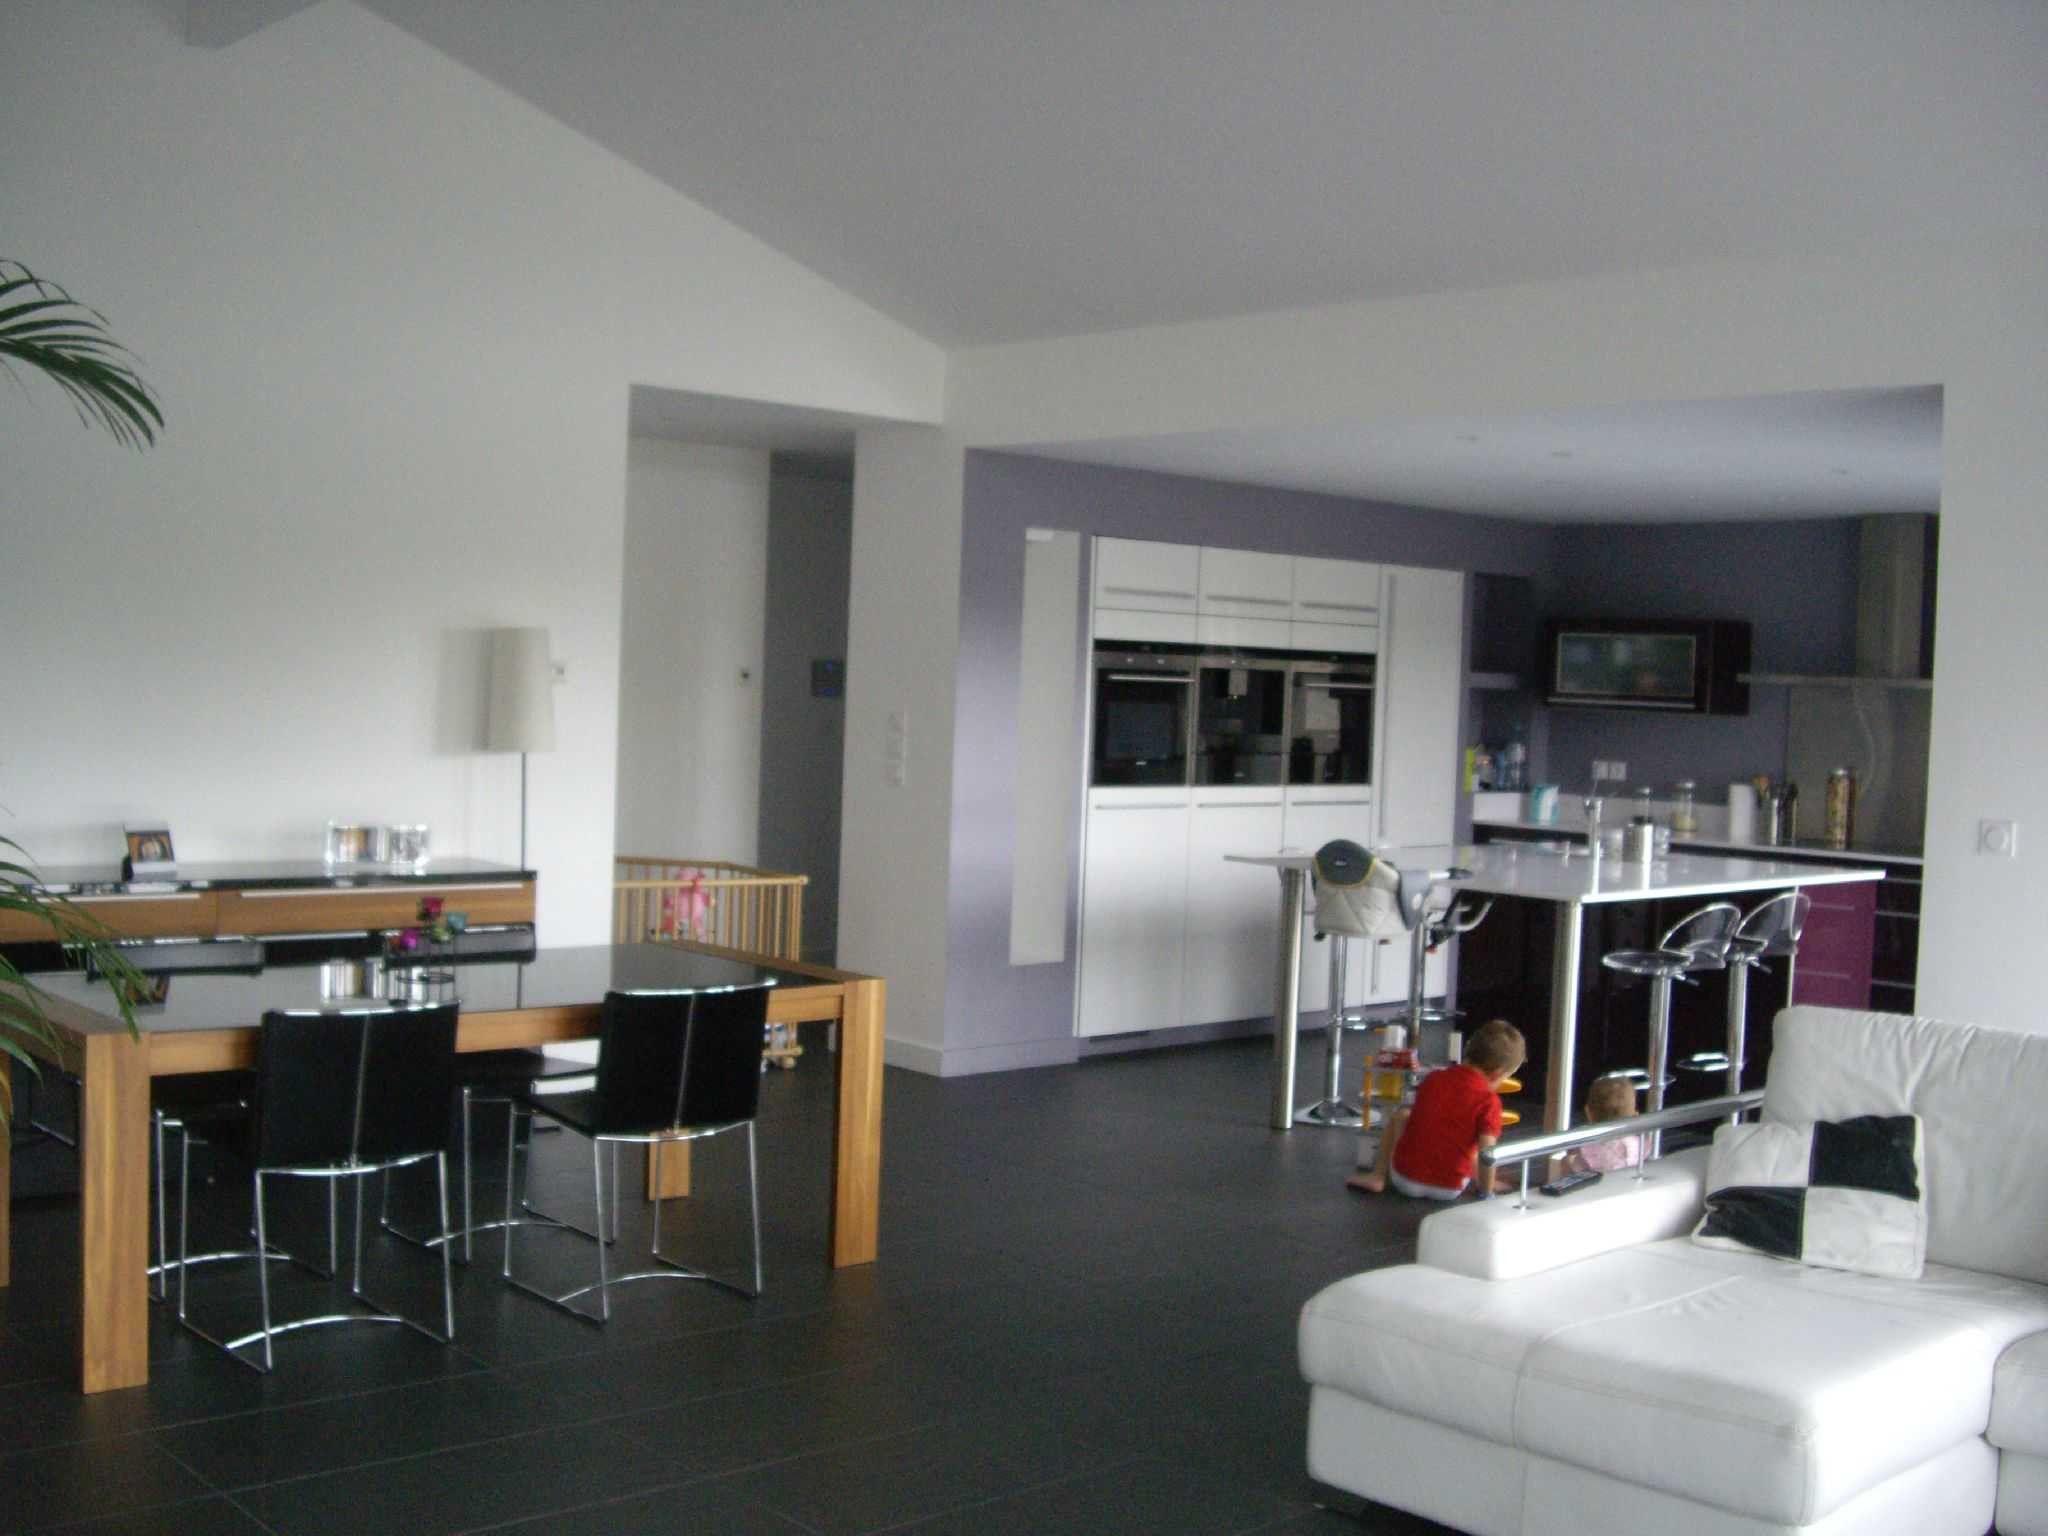 Luxury Aménagement Cuisine Salon 30M2 | Home, Home Decor intérieur Cuisine Salon 30M2